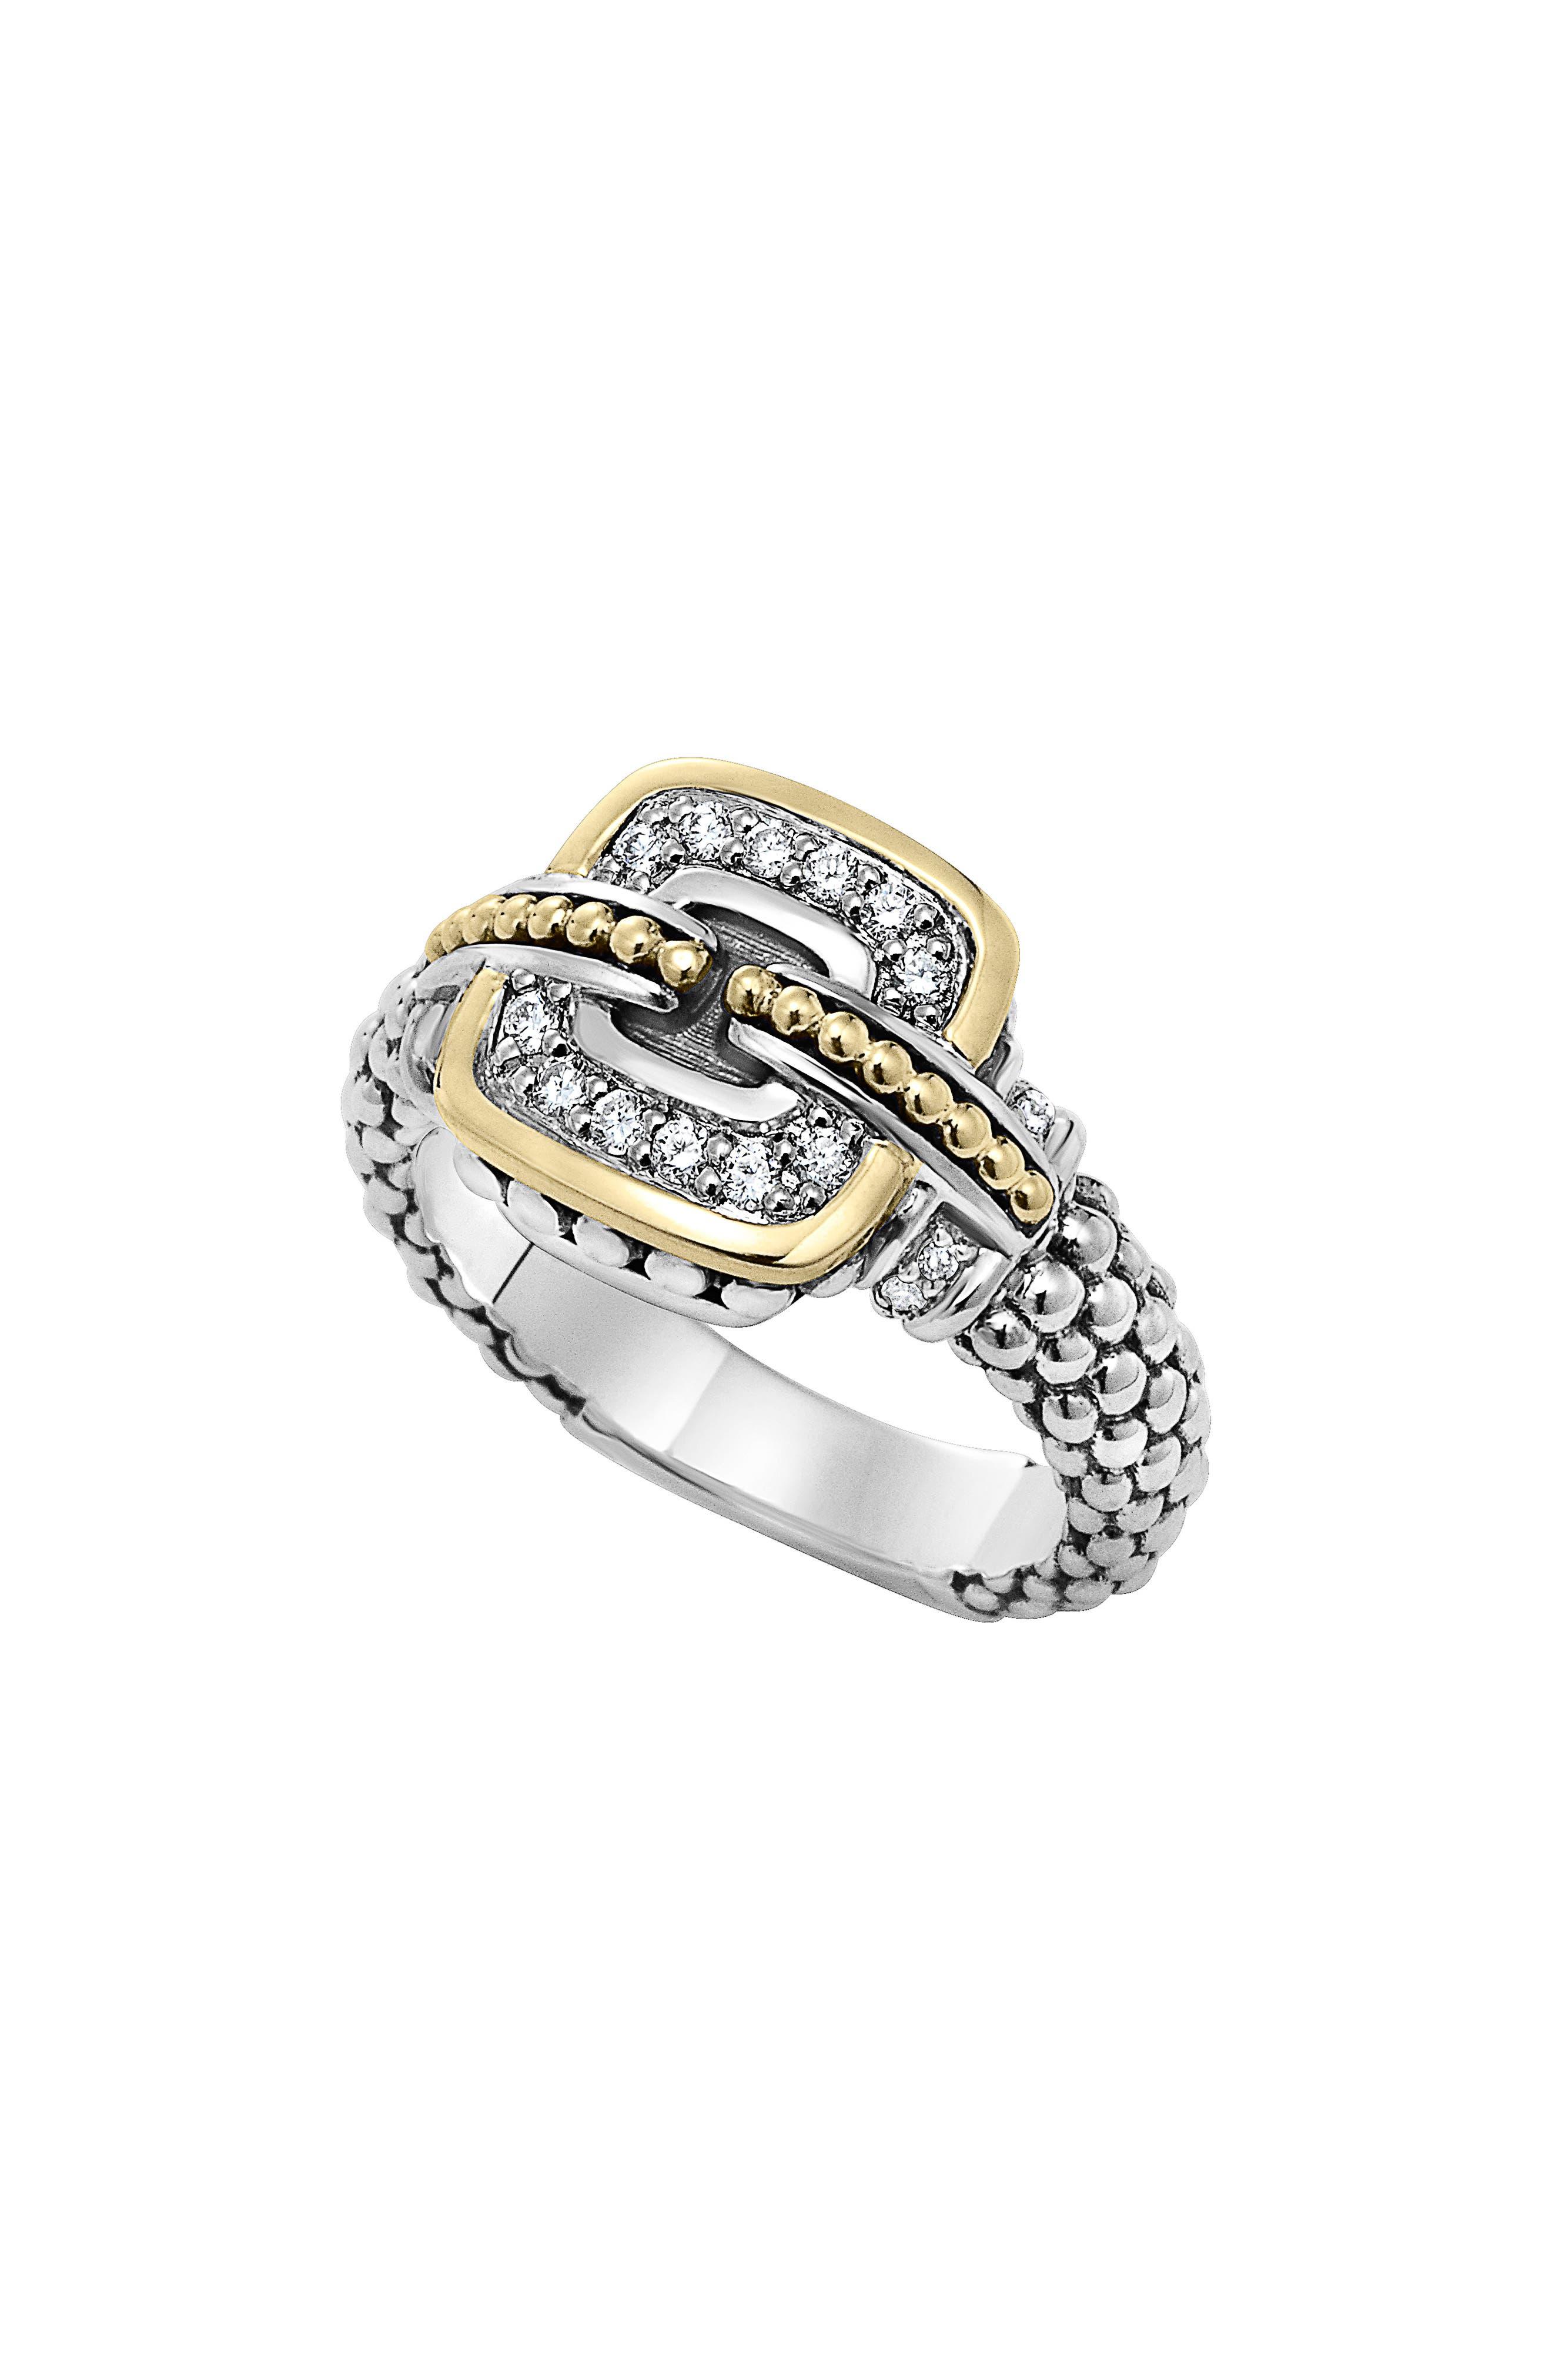 'Cushion' Small Diamond Ring,                             Main thumbnail 1, color,                             040